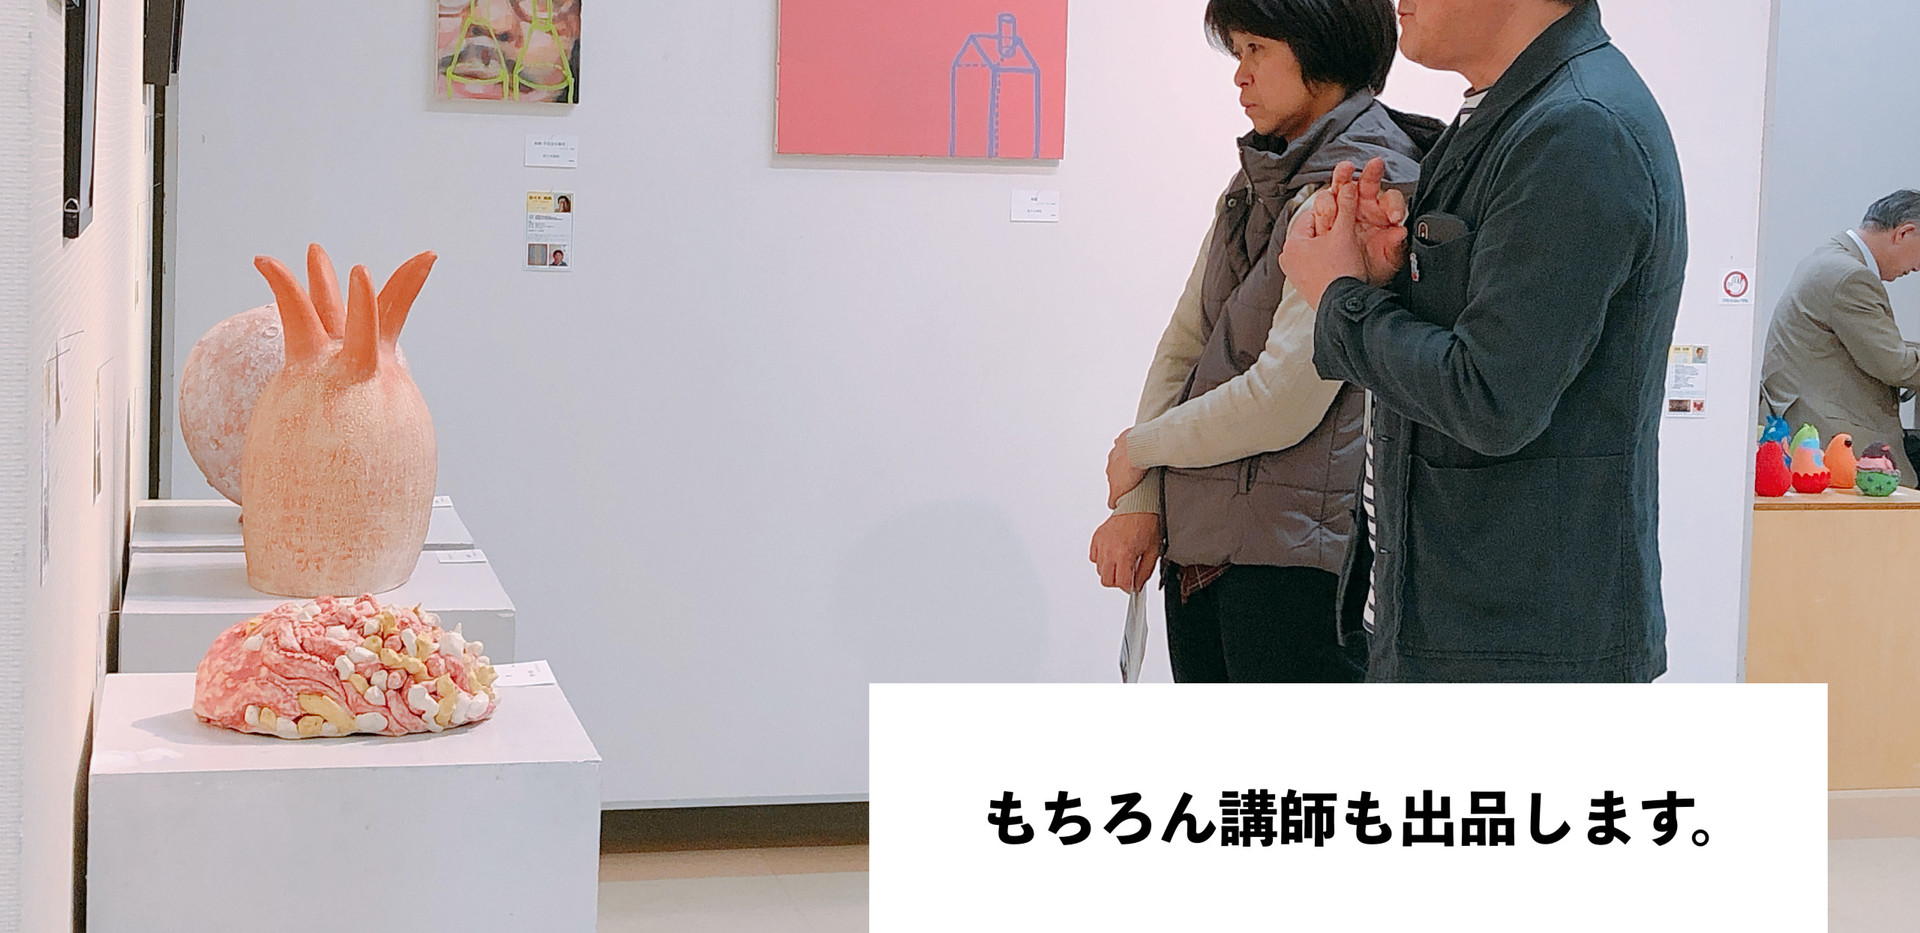 IMG_3981のコピー.JPG